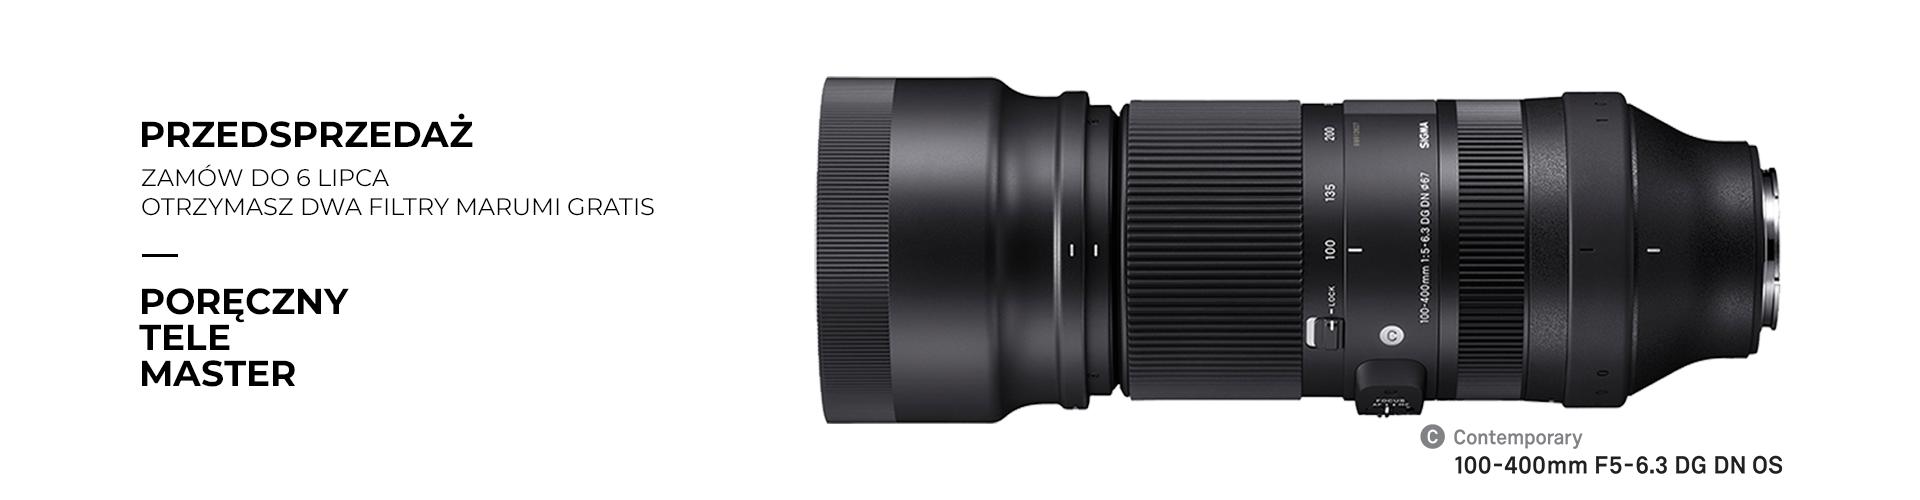 SIGMA – przedsprzedaż 100-400mm F5-6.3 DG DN OS